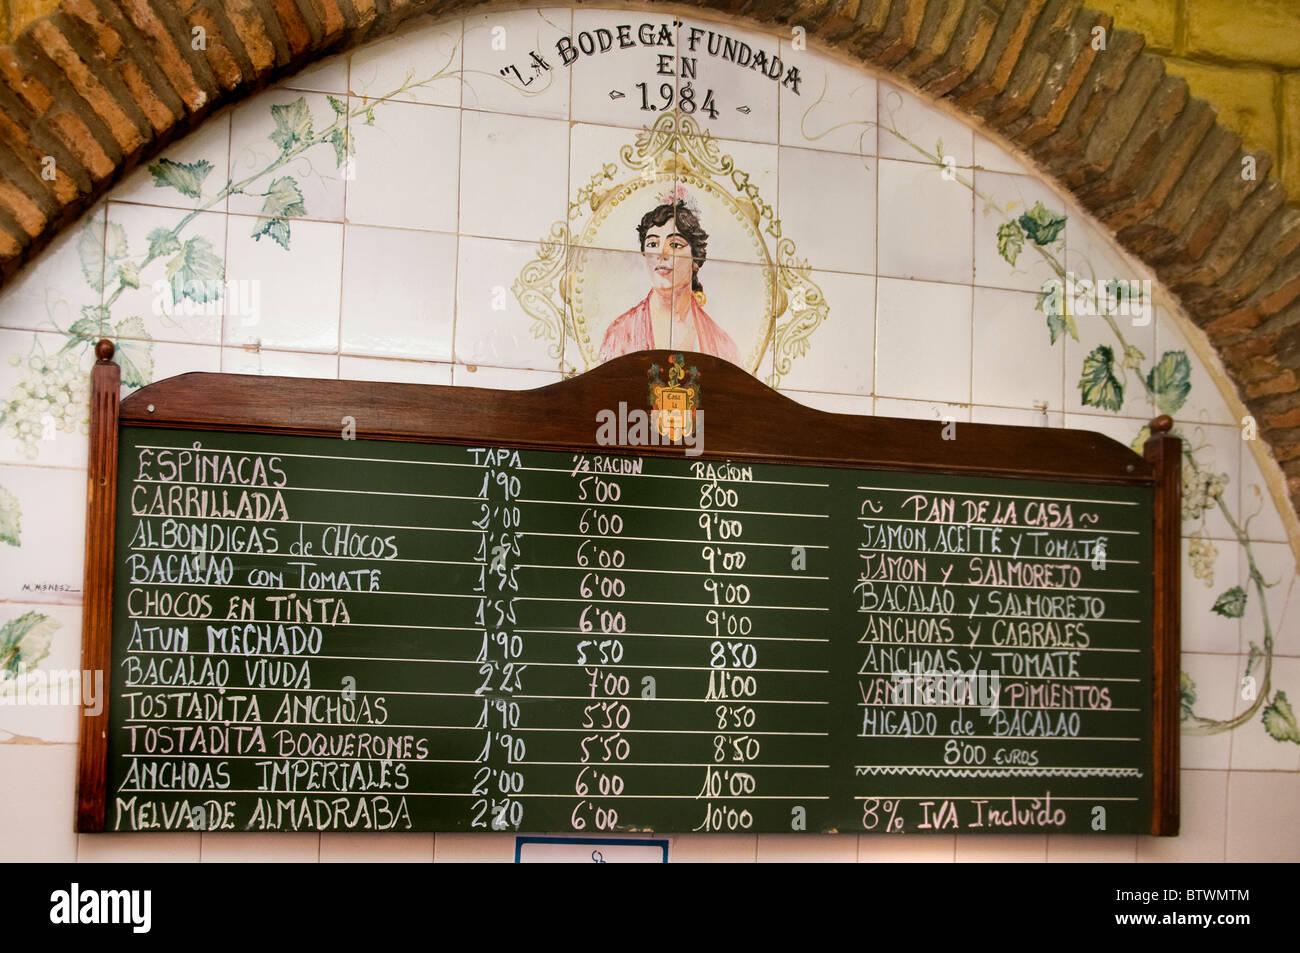 Sevilla España restaurante de tapas de tapas comida menú de pub Imagen De Stock